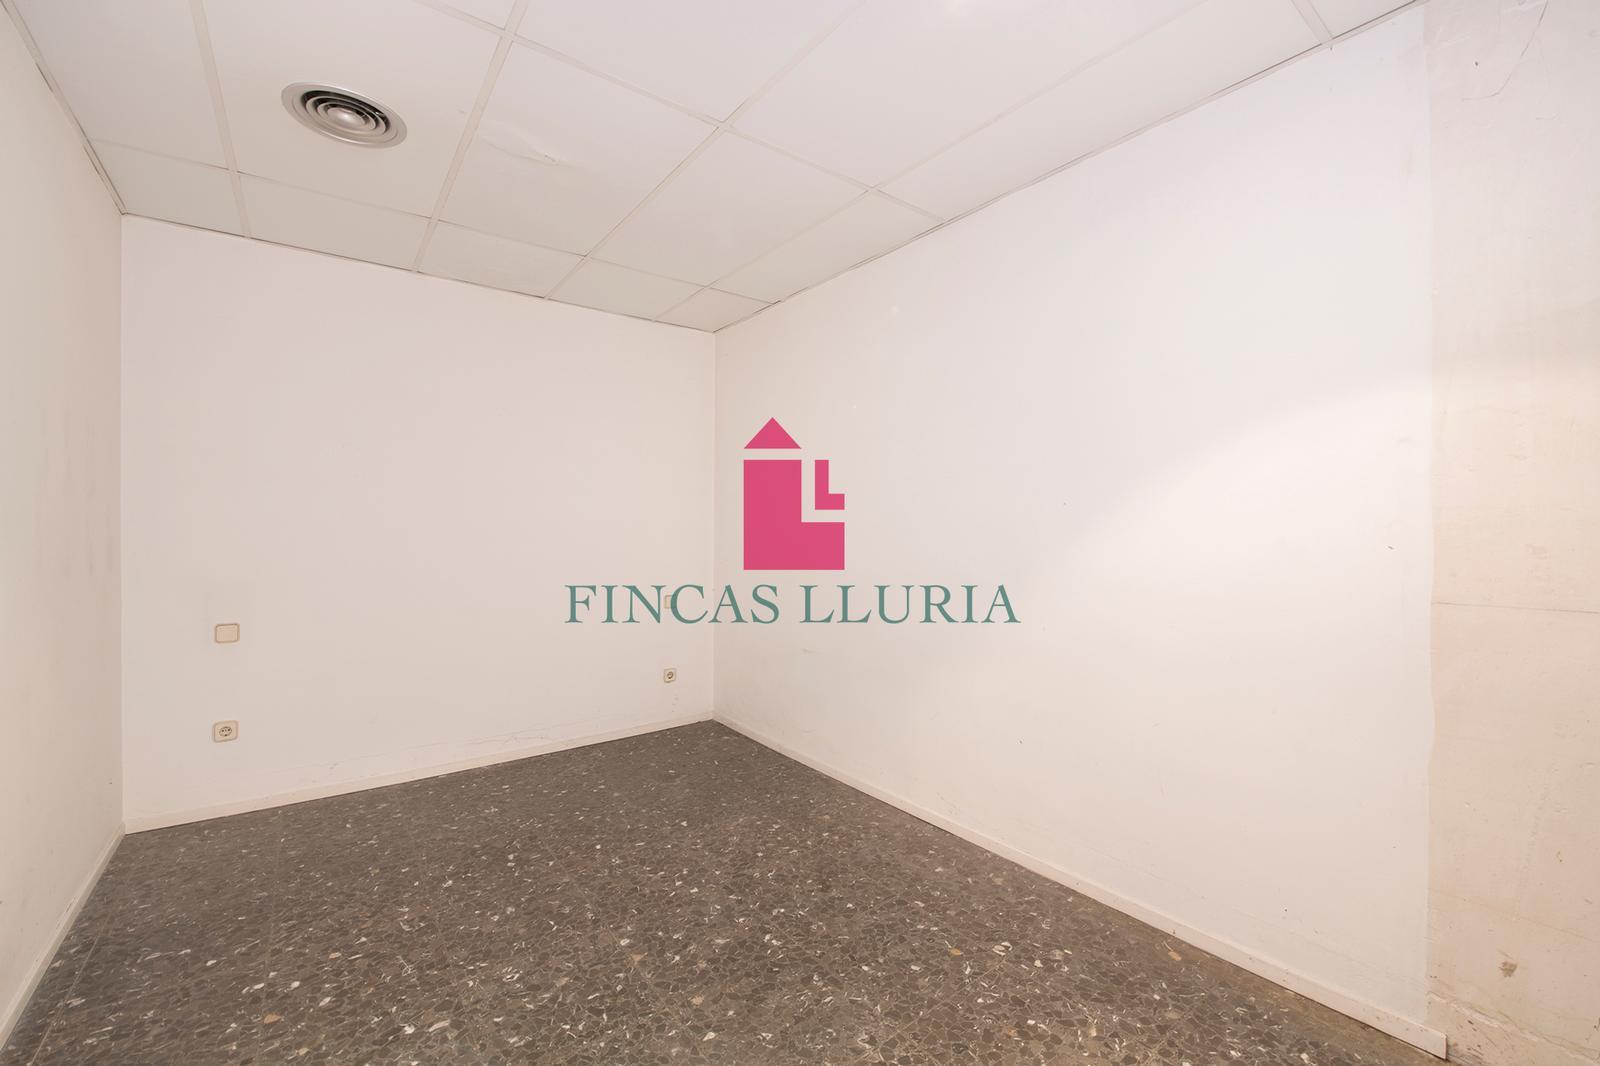 Ref.: 31363 - EXCELENTE UBICACIÓN EN ZONA ALTA